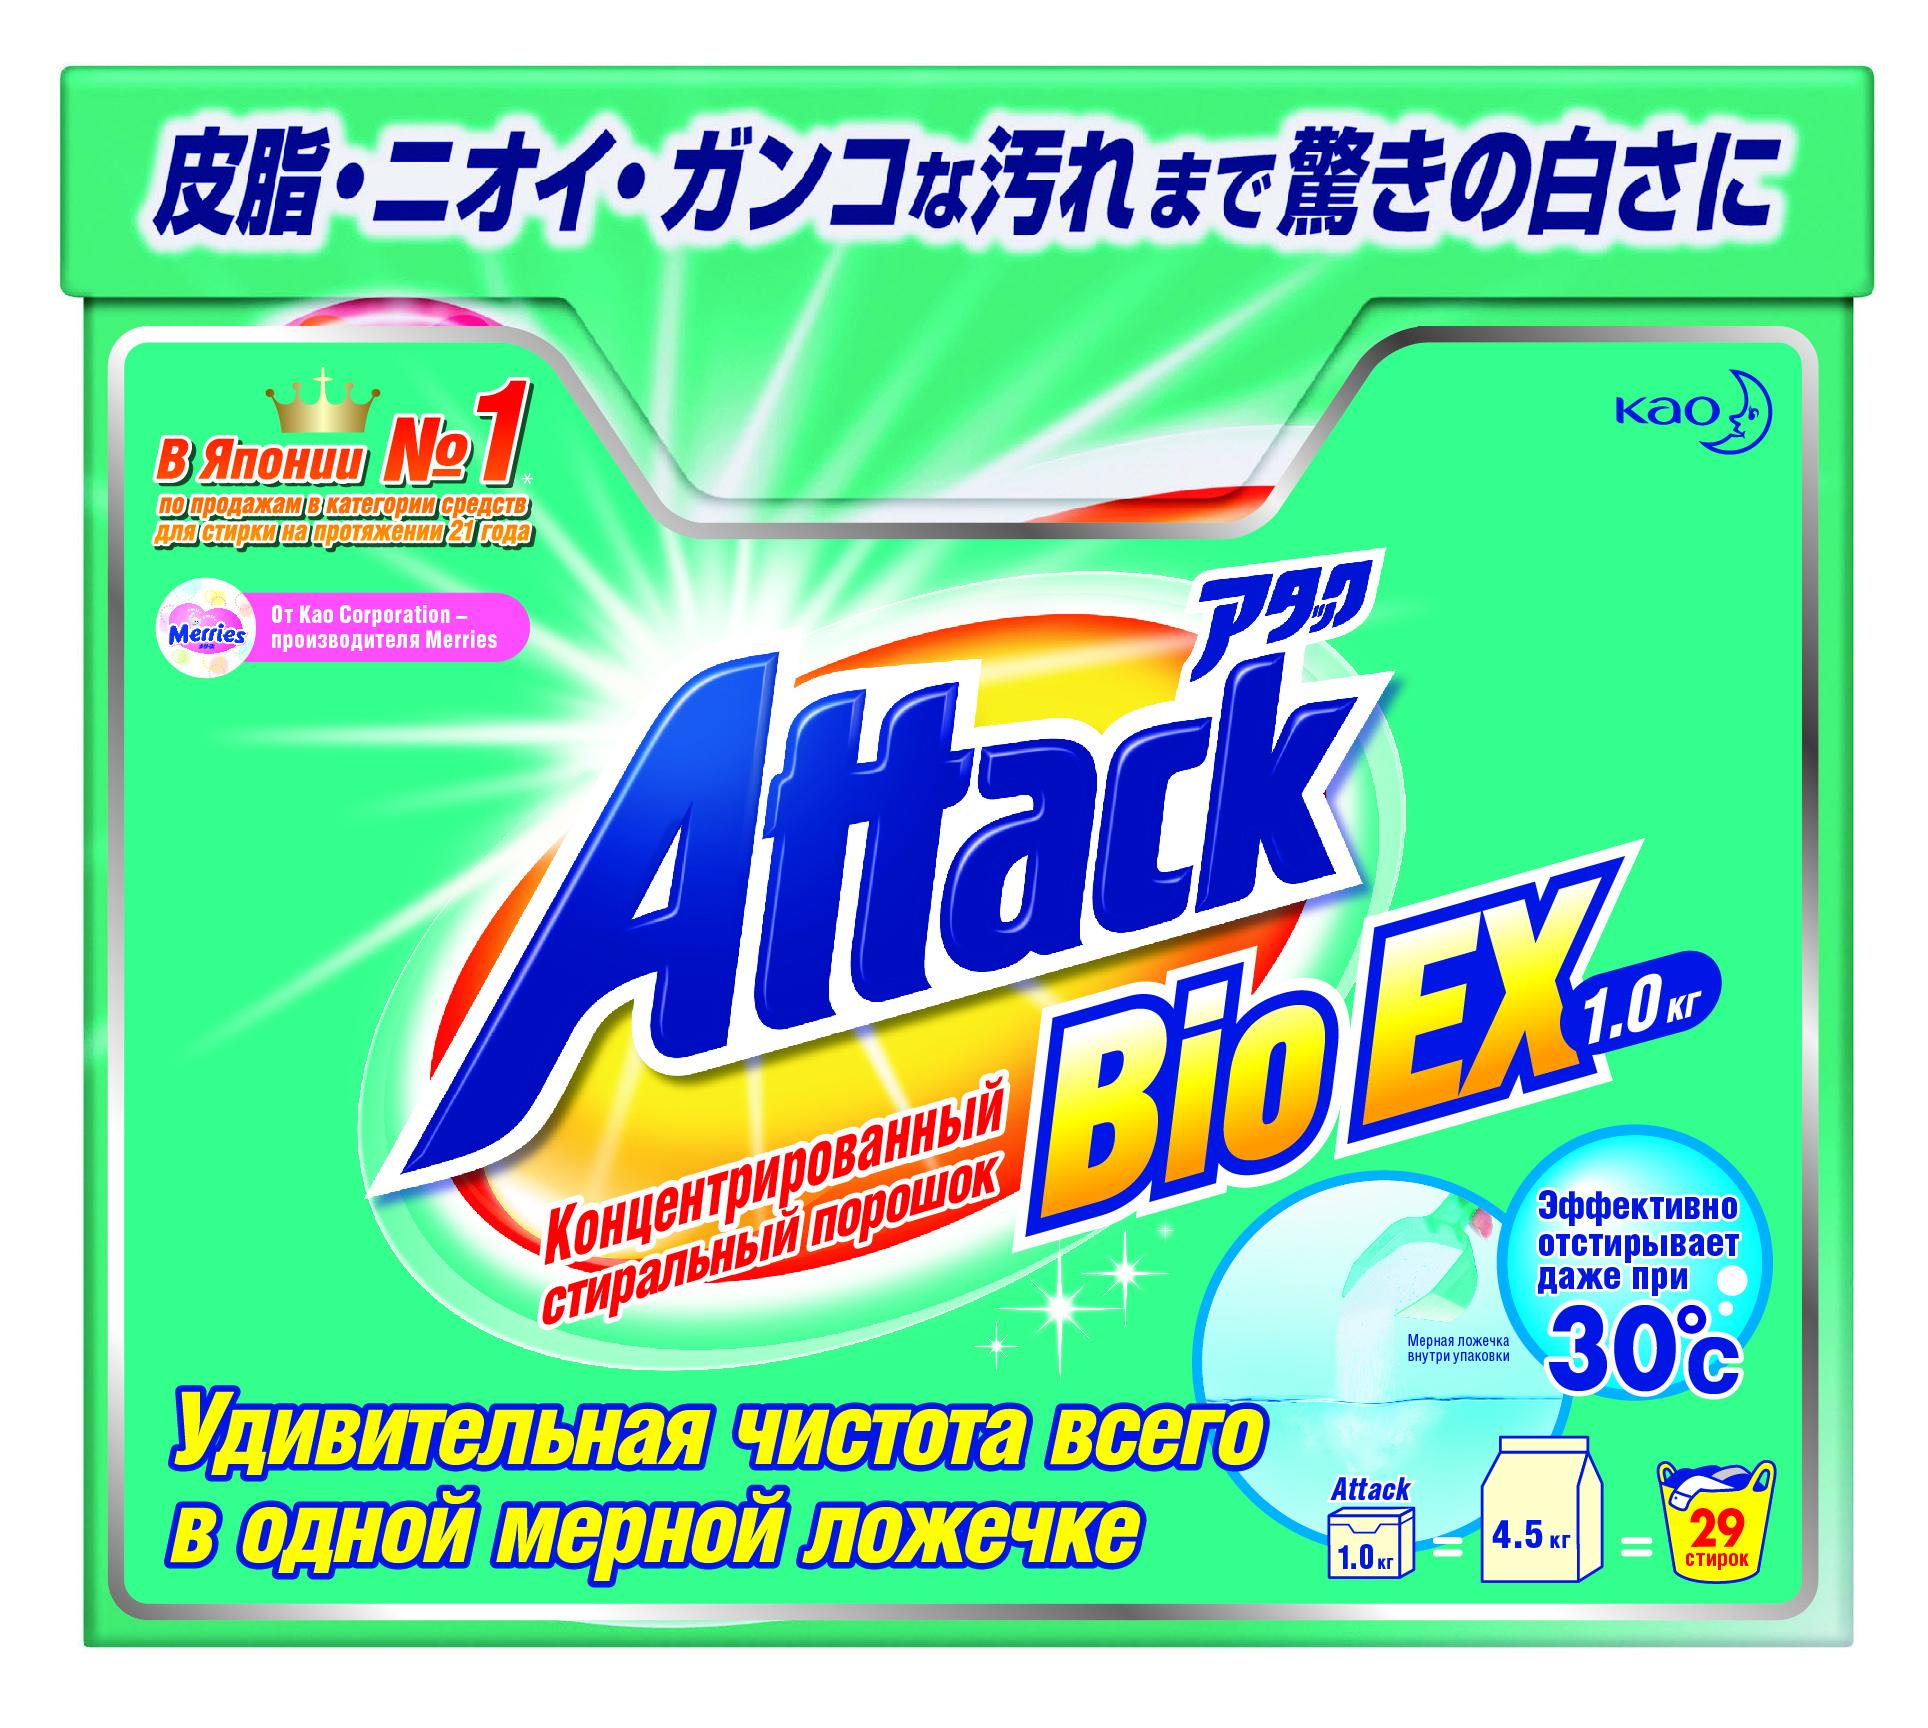 Стиральный порошок Attack BioEX, концентрированный, 1 кг62030001Концентрированный стиральный порошок Attack BioEX подходит для стирки белой и цветной одежды из хлопчатобумажной, льняной и синтетической ткани, не подходит для стирки шерсти и шелка. Благодаря гранулам, содержащим воздух, средство быстро растворяется в холодной воде и атакует грязь. Обладает нежным цветочным ароматом. Не содержит фосфатов и хлора.Рекомендуемая температура стирки 30-40°С. Подходит для ручной и машинной стирки. Состав: 15-30% цеолит, 5-15% анионоактивный ПАВ, неионогенный ПАВ, поликарбоксилат, менее 5% мыло, энзимы, отдушка, оптический отбеливатель.Товар сертифицирован.